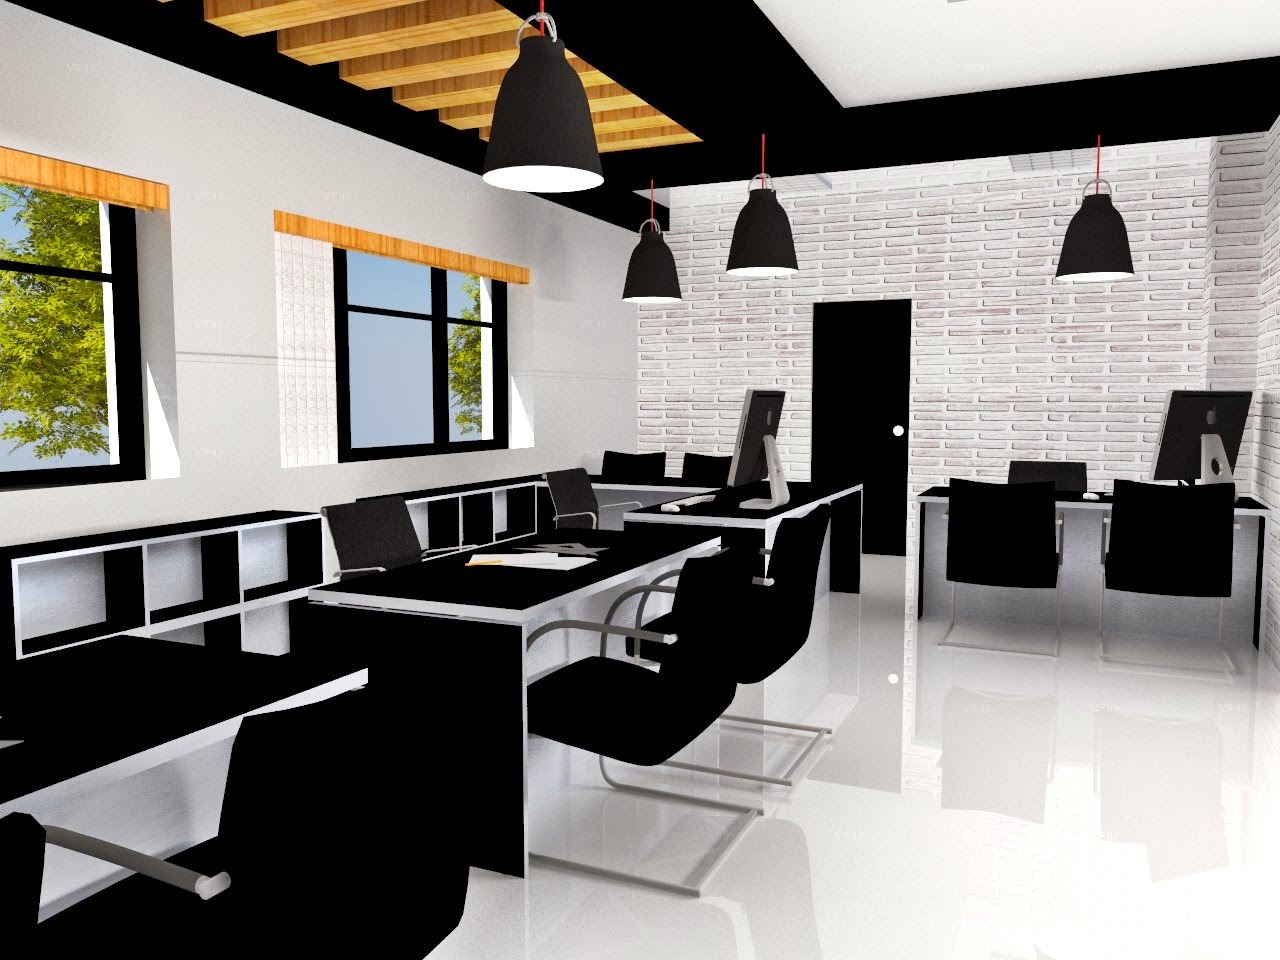 Dise o de interiores escuela de arte de motril trabajo - Trabajo de diseno de interiores ...